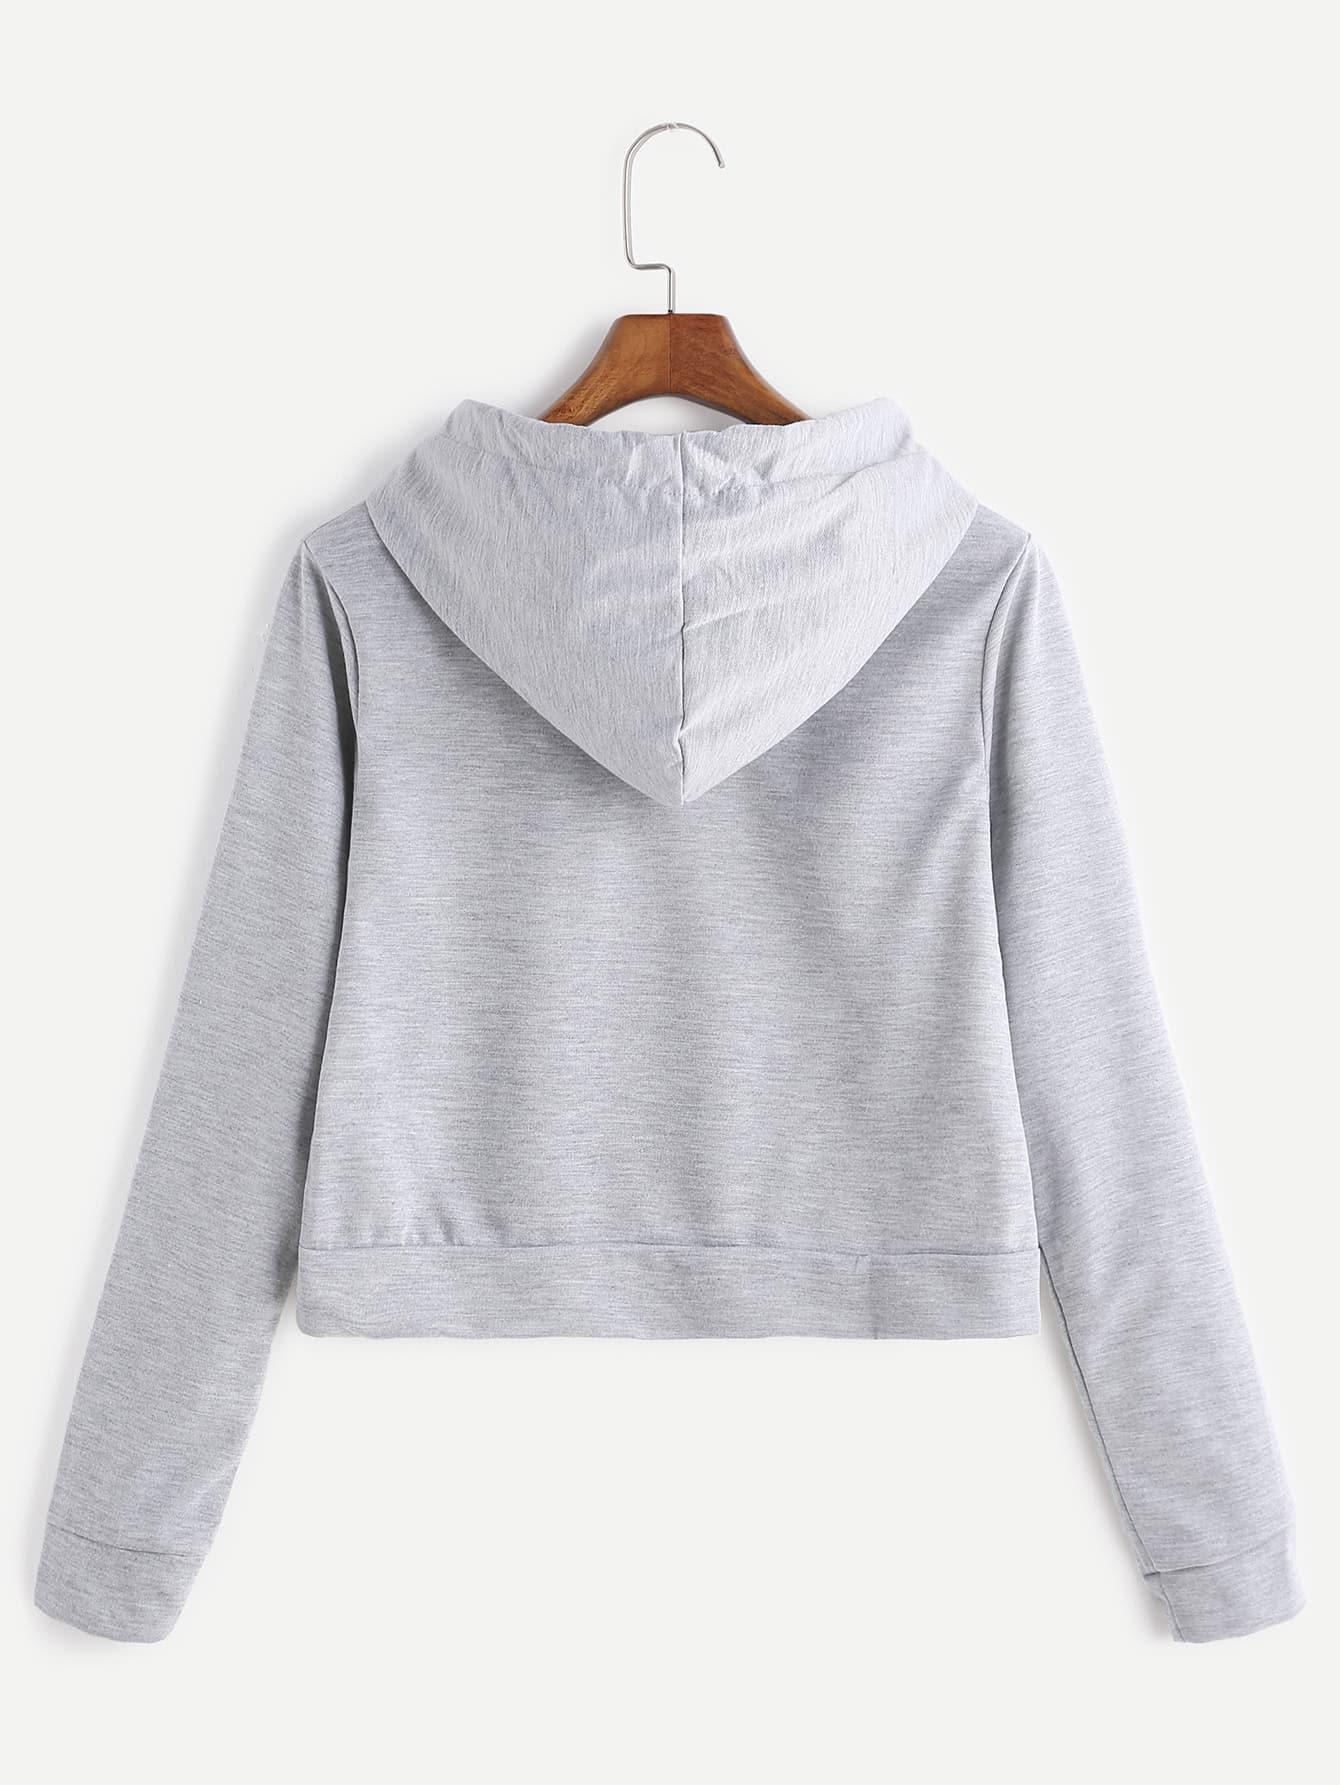 sweatshirt161216104_2